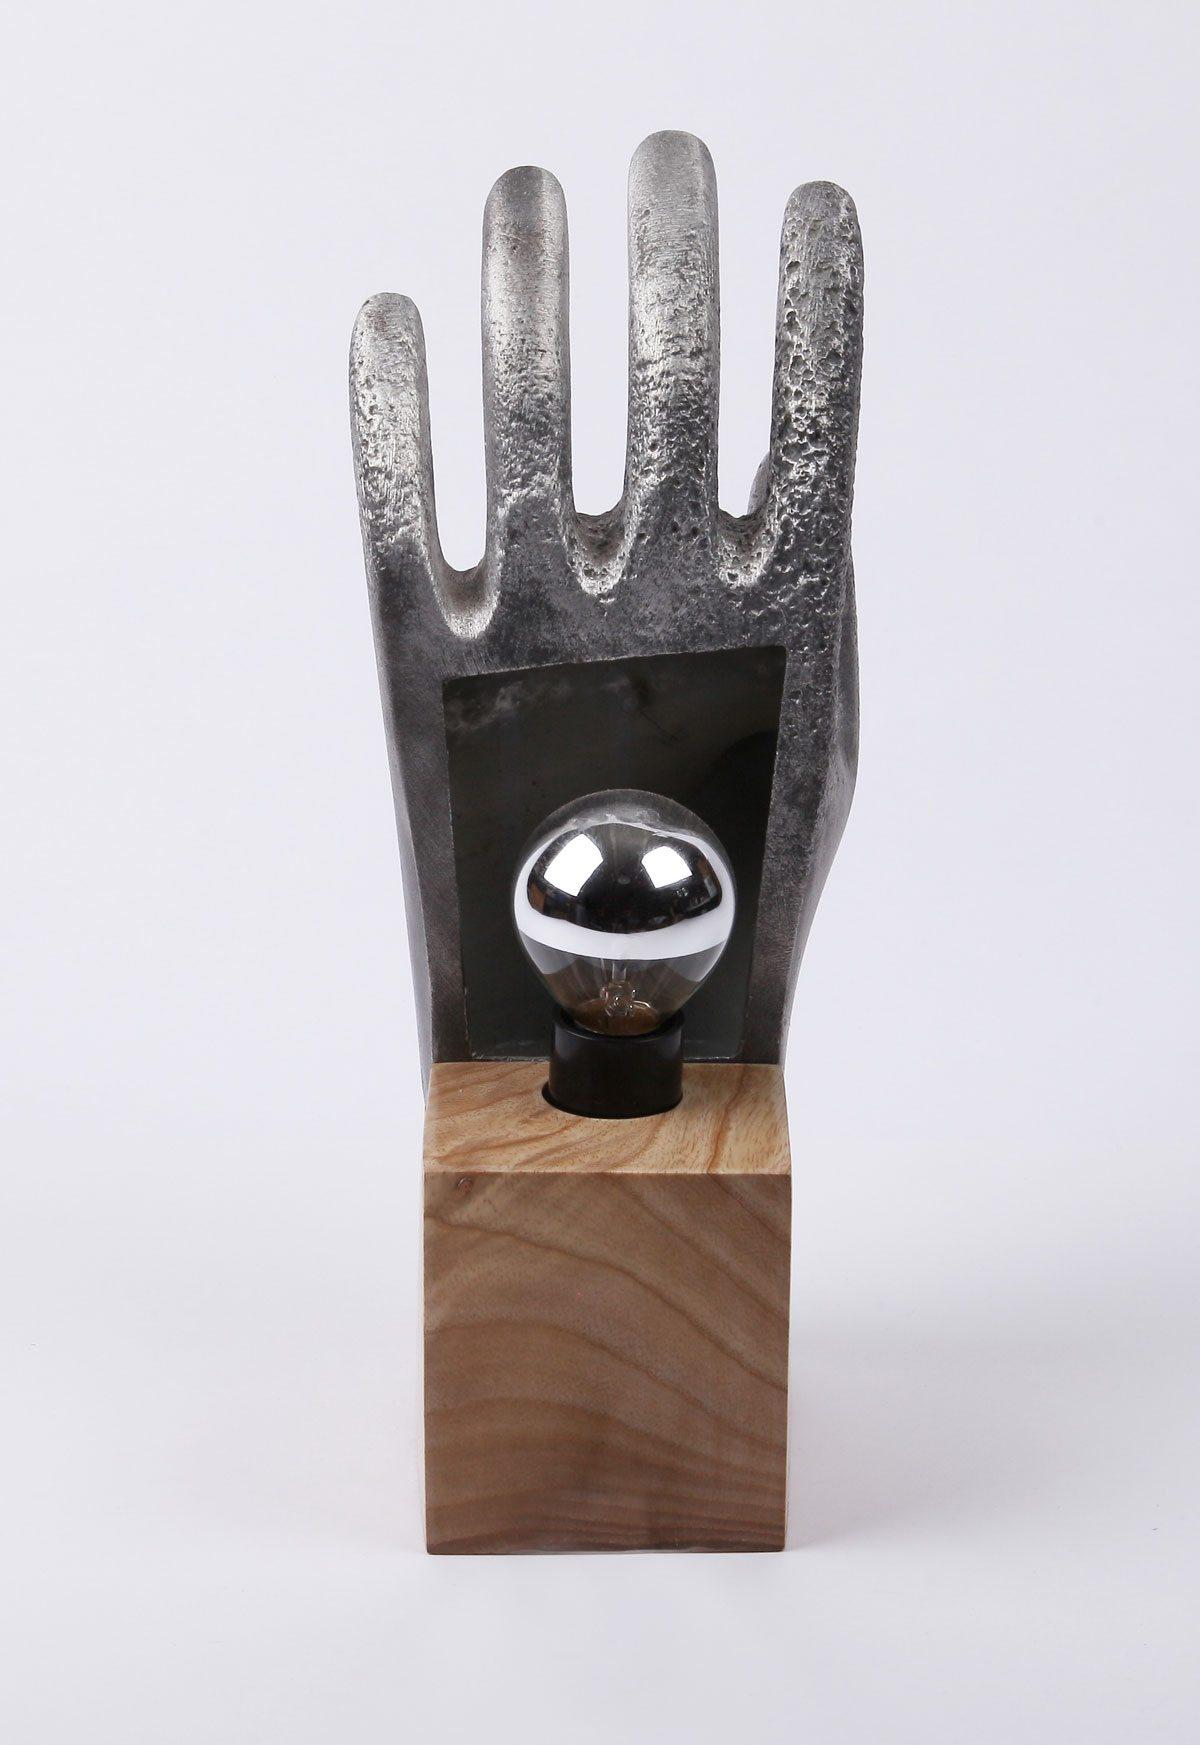 lampe main metal socle bois ampoule au dos ichetkar